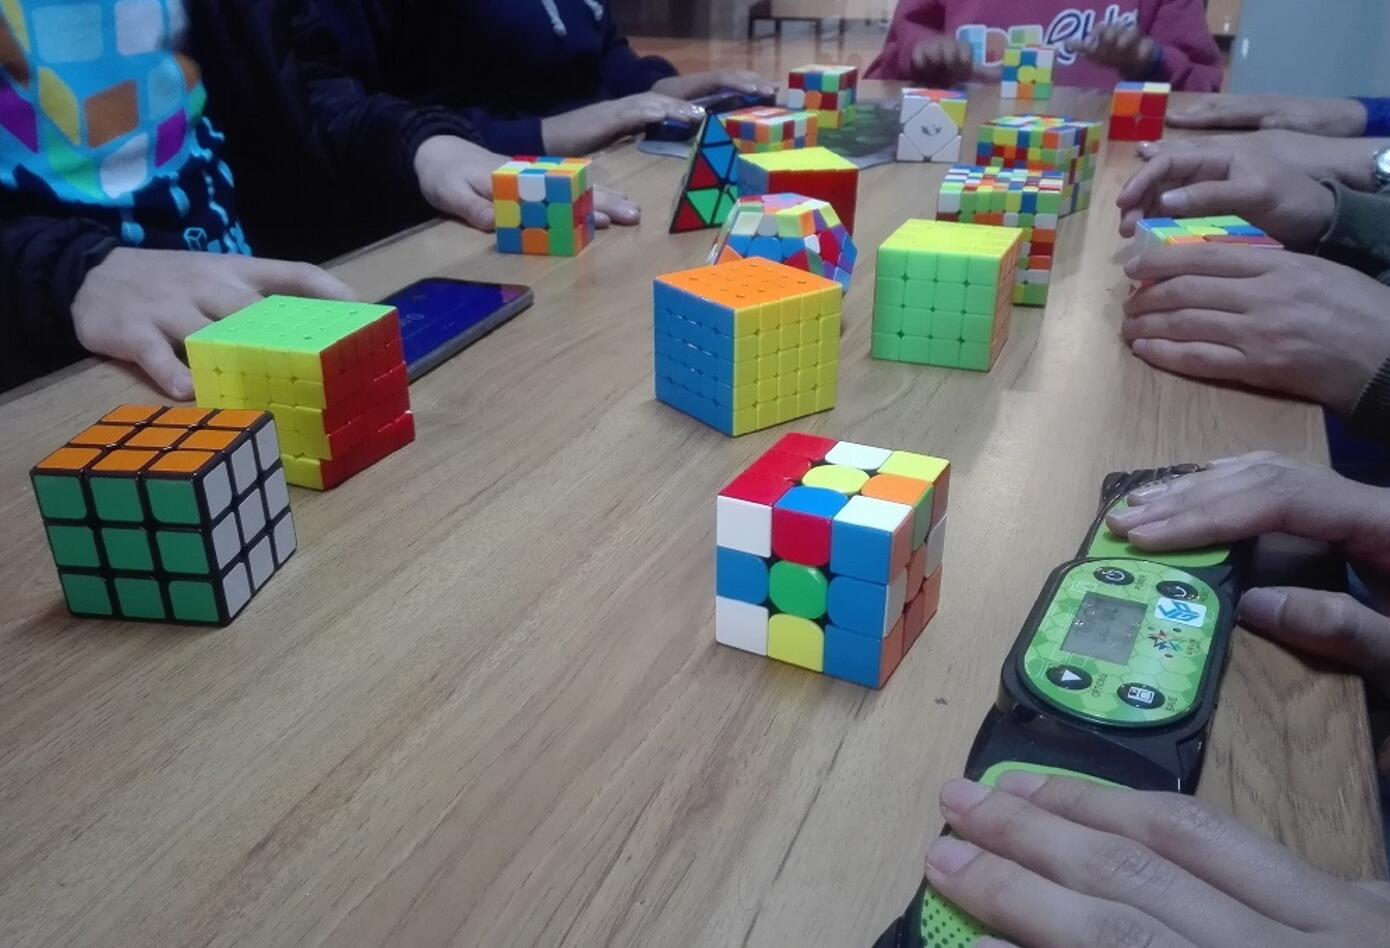 El cubo de rubik puede ser de 2x2, 3x3, 4x4, 5x5, 7x7, 12x12, entre otros.